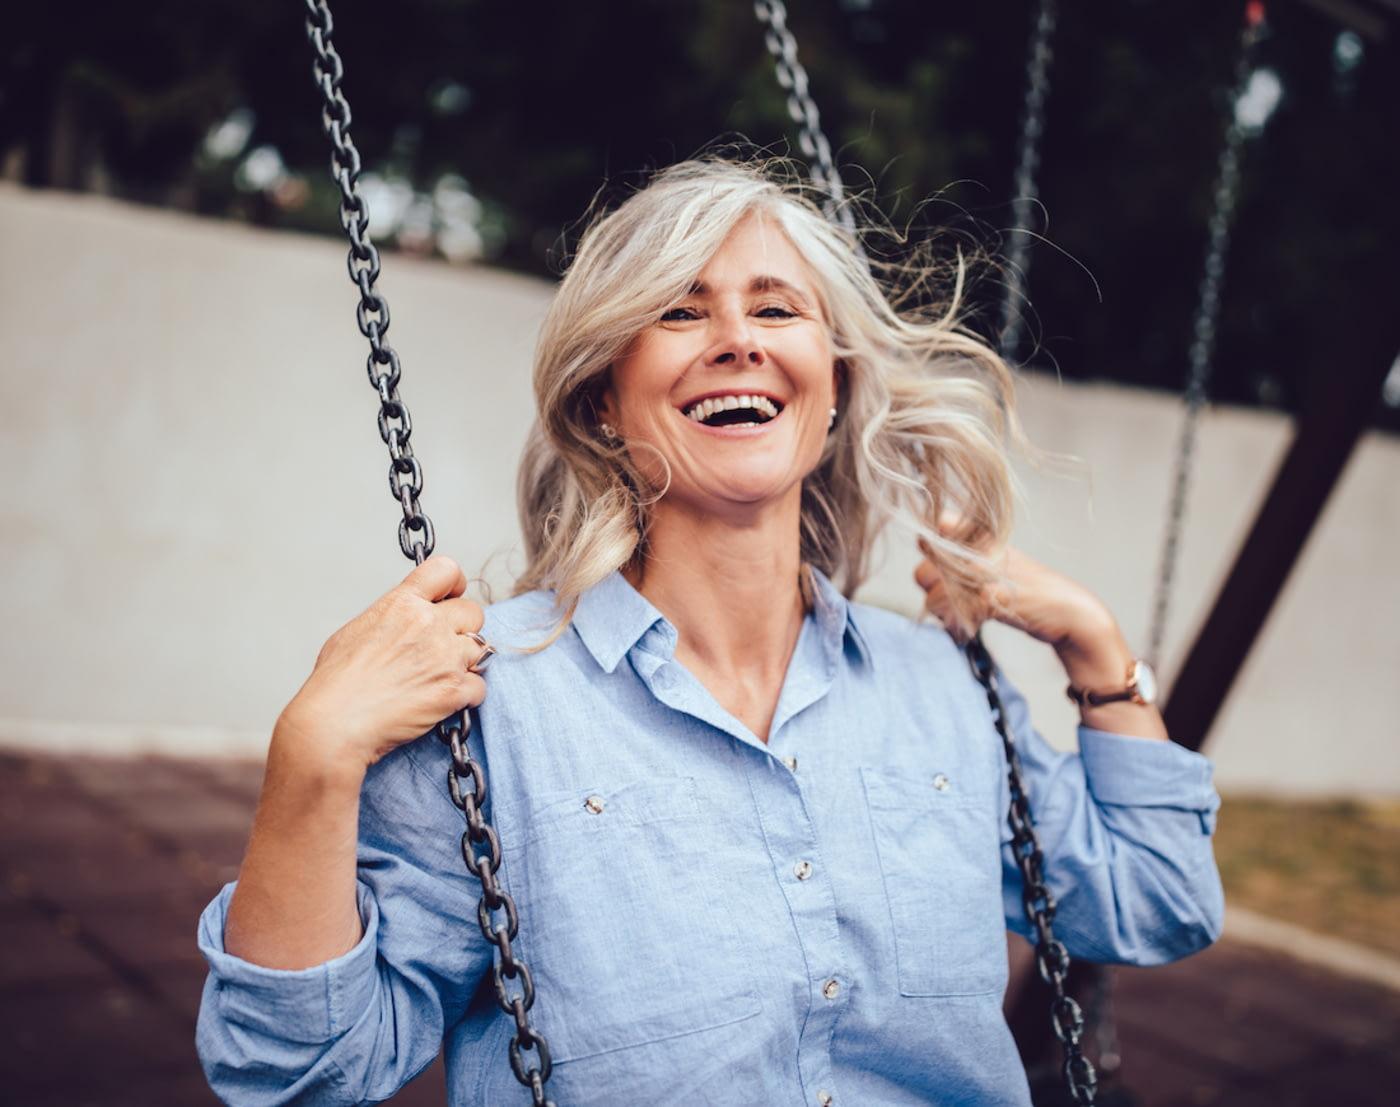 Rentenlücke schließen: Frau mit grauen Haaren sitzt lachend auf einer Schaukel